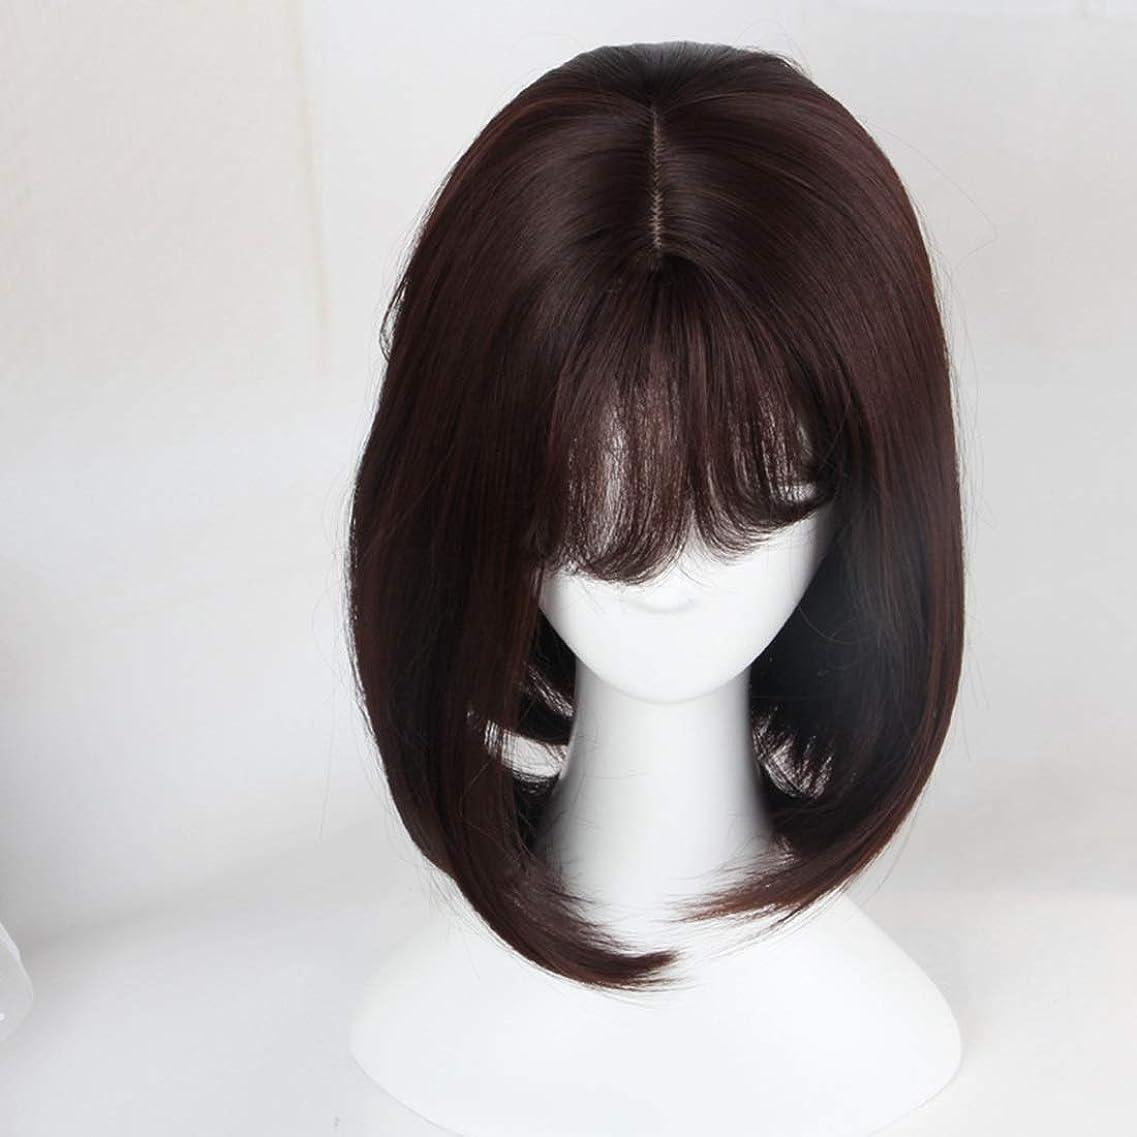 半ば苦しみ不安Koloeplf 35cmミディアムロングウィッグボボストレートヘアふわふわフェイスエアバンウィッグ (Color : Natural black)